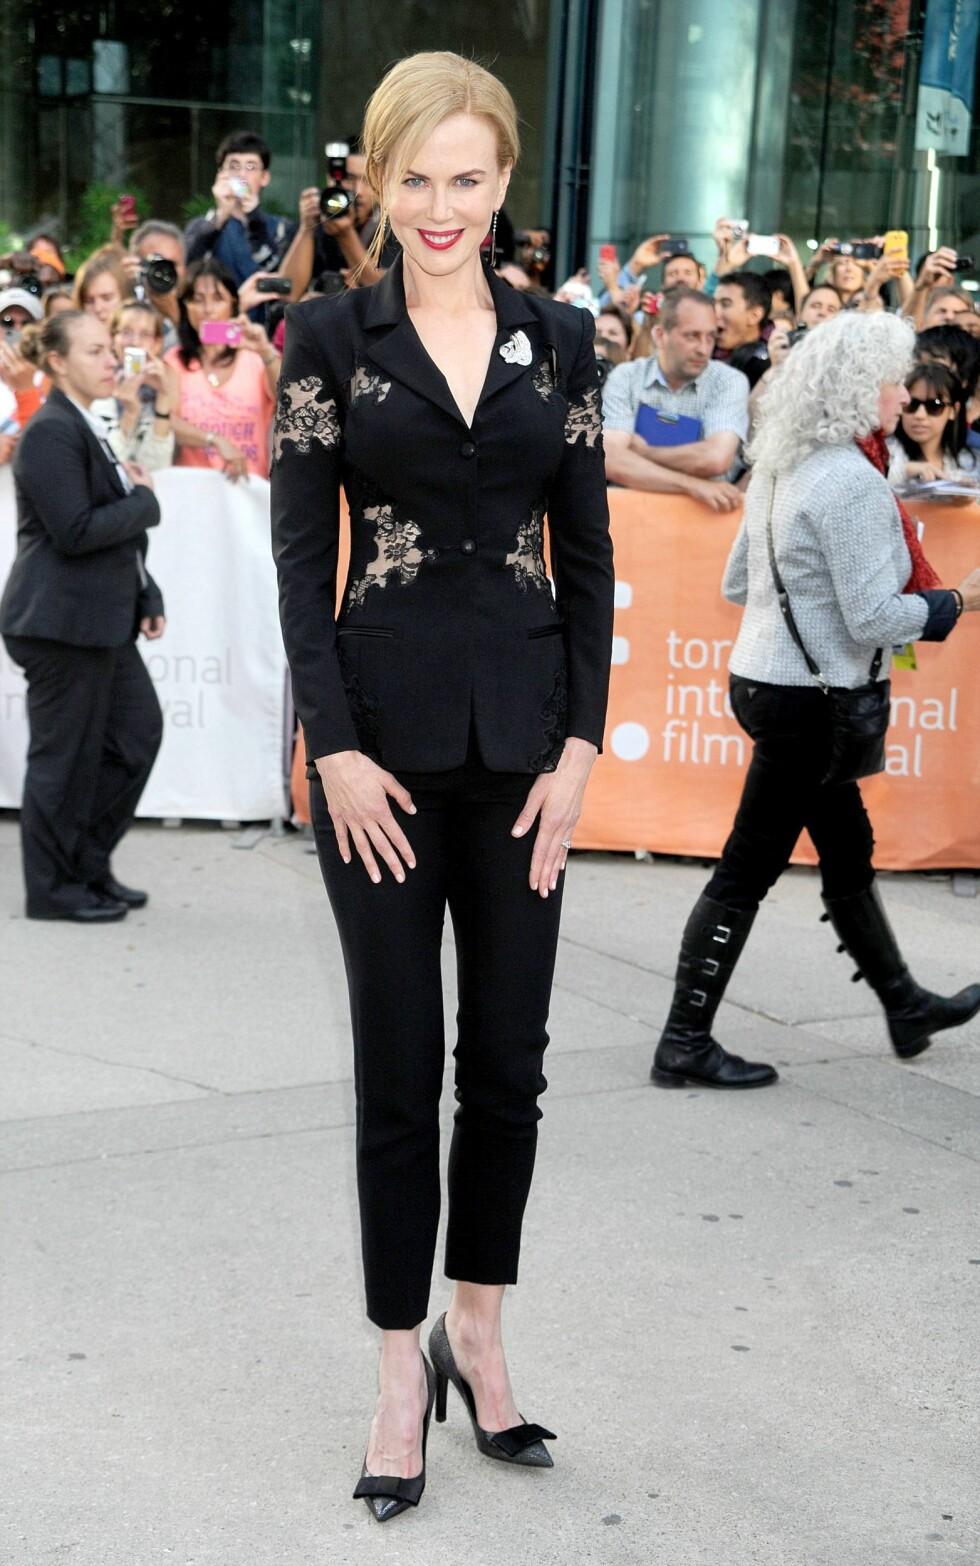 «Moulin Rouge»-stjernen droppet kjolen, og stilte isteden i en sort dress med gjennomsiktige blondedetaljer Altuzarra. Pumpsene med sløyfer er fra Louis Vuitton. Foto: All Over Press